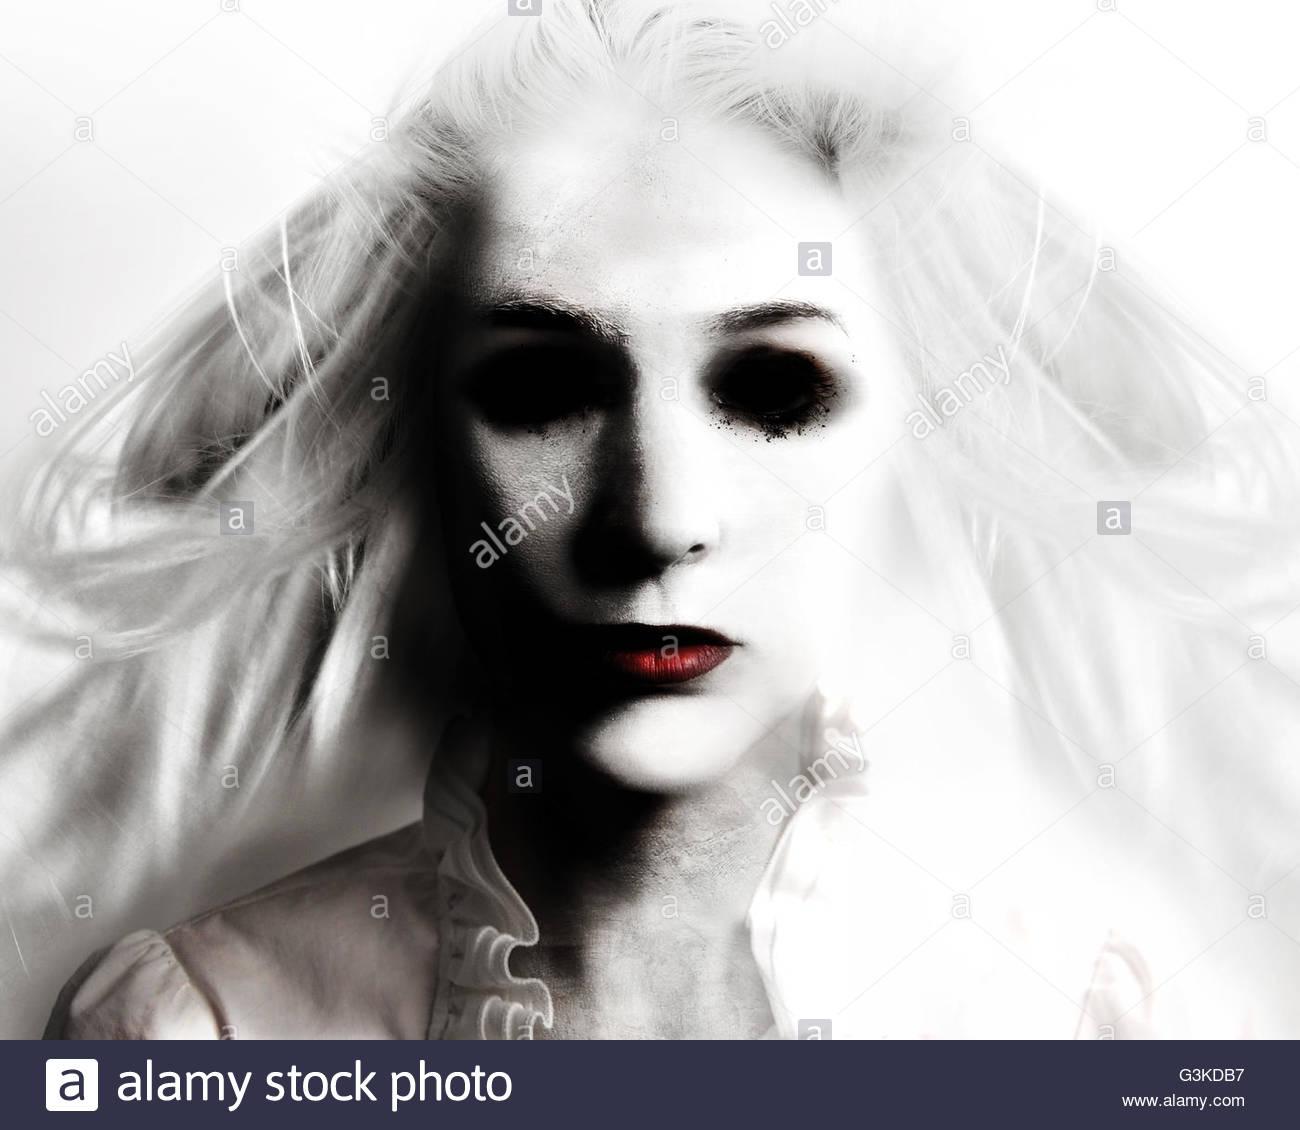 Un miedo mujer malvada con ojos negros y labios rojos es la muerte sobre un fondo blanco para un temor o concepto Imagen De Stock